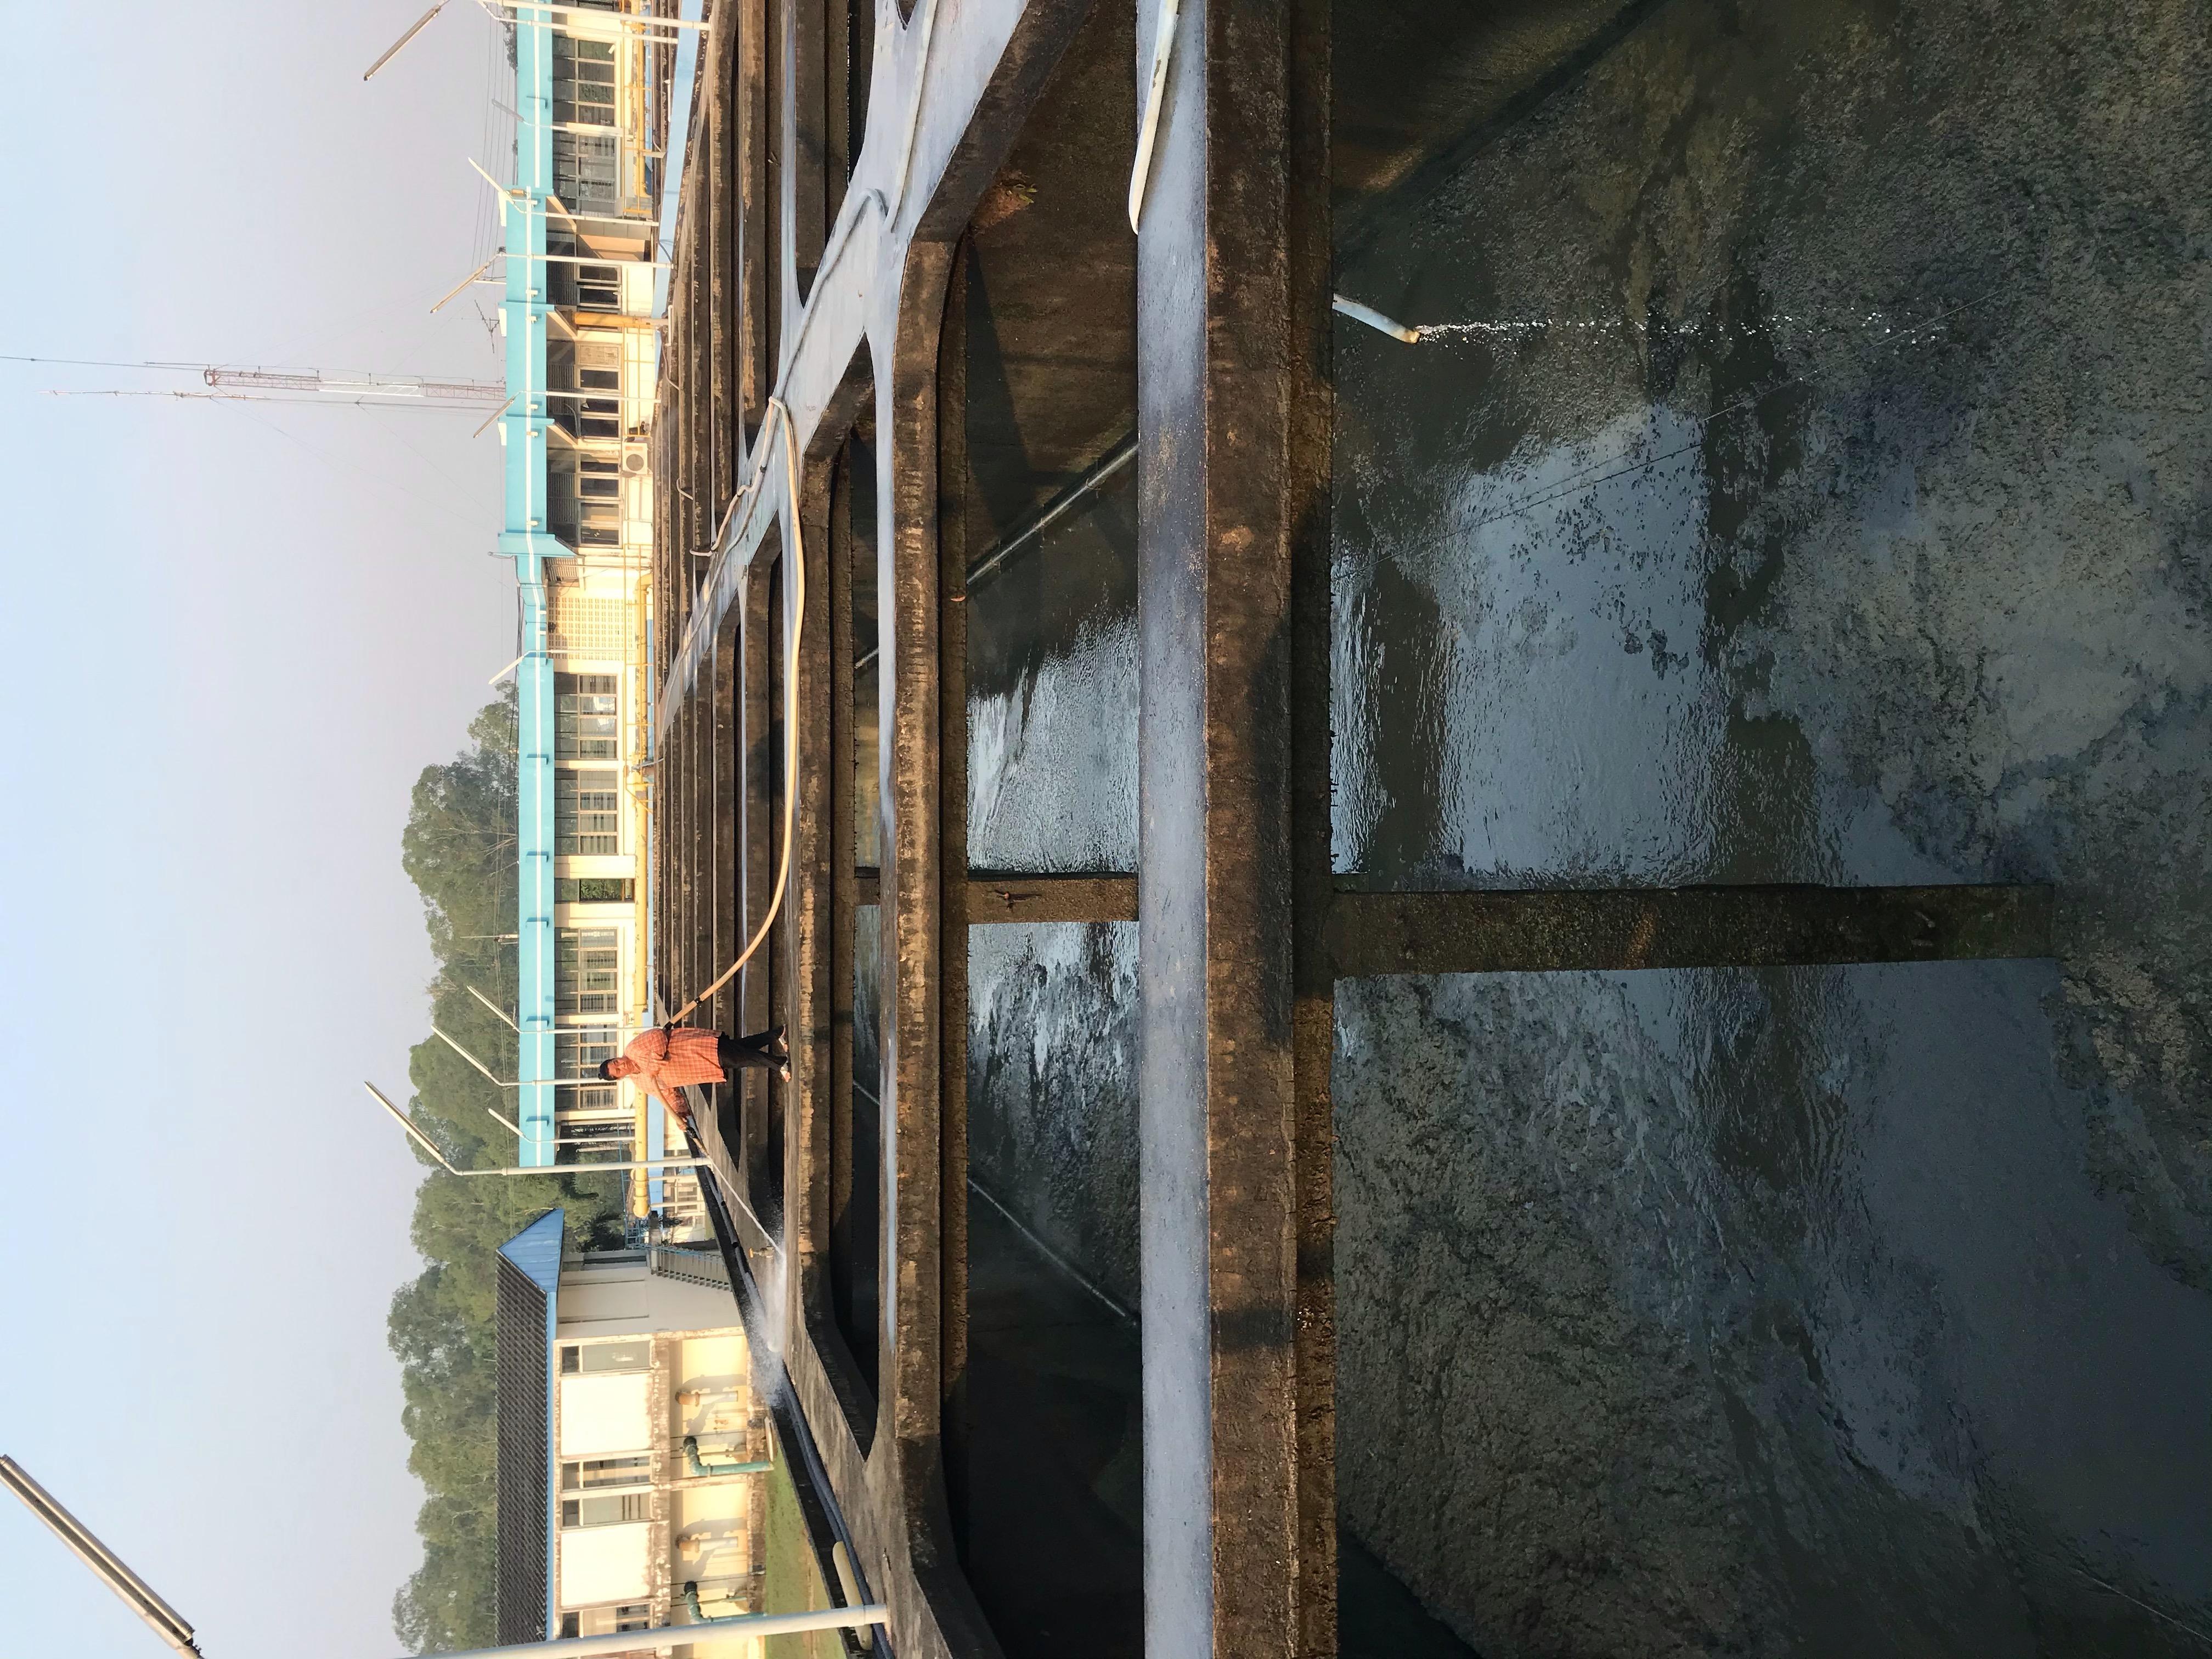 กปภ.สาขาพัทยา (พ) ล้างถังตกตะกอน ตามมาตรฐาน WSP ณ สถานีผลิตน้ำอ่างเก็บน้ำมาบประชัน